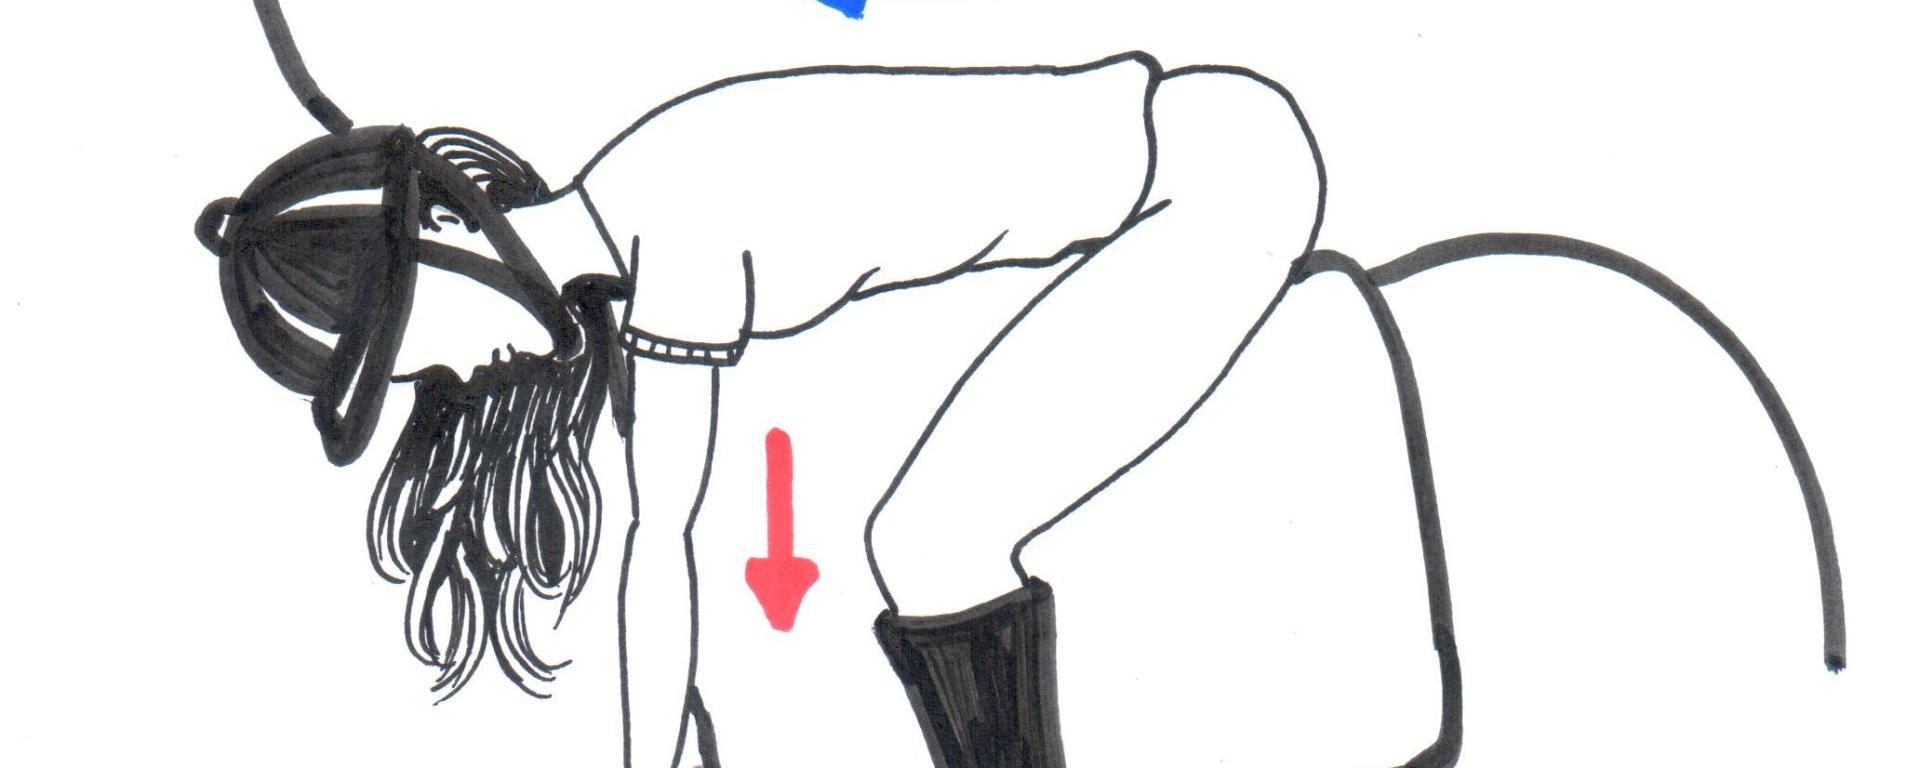 Desenho de uma menina montada o cavalo com o tronco flexionado para frente, abraçando o cavalo.